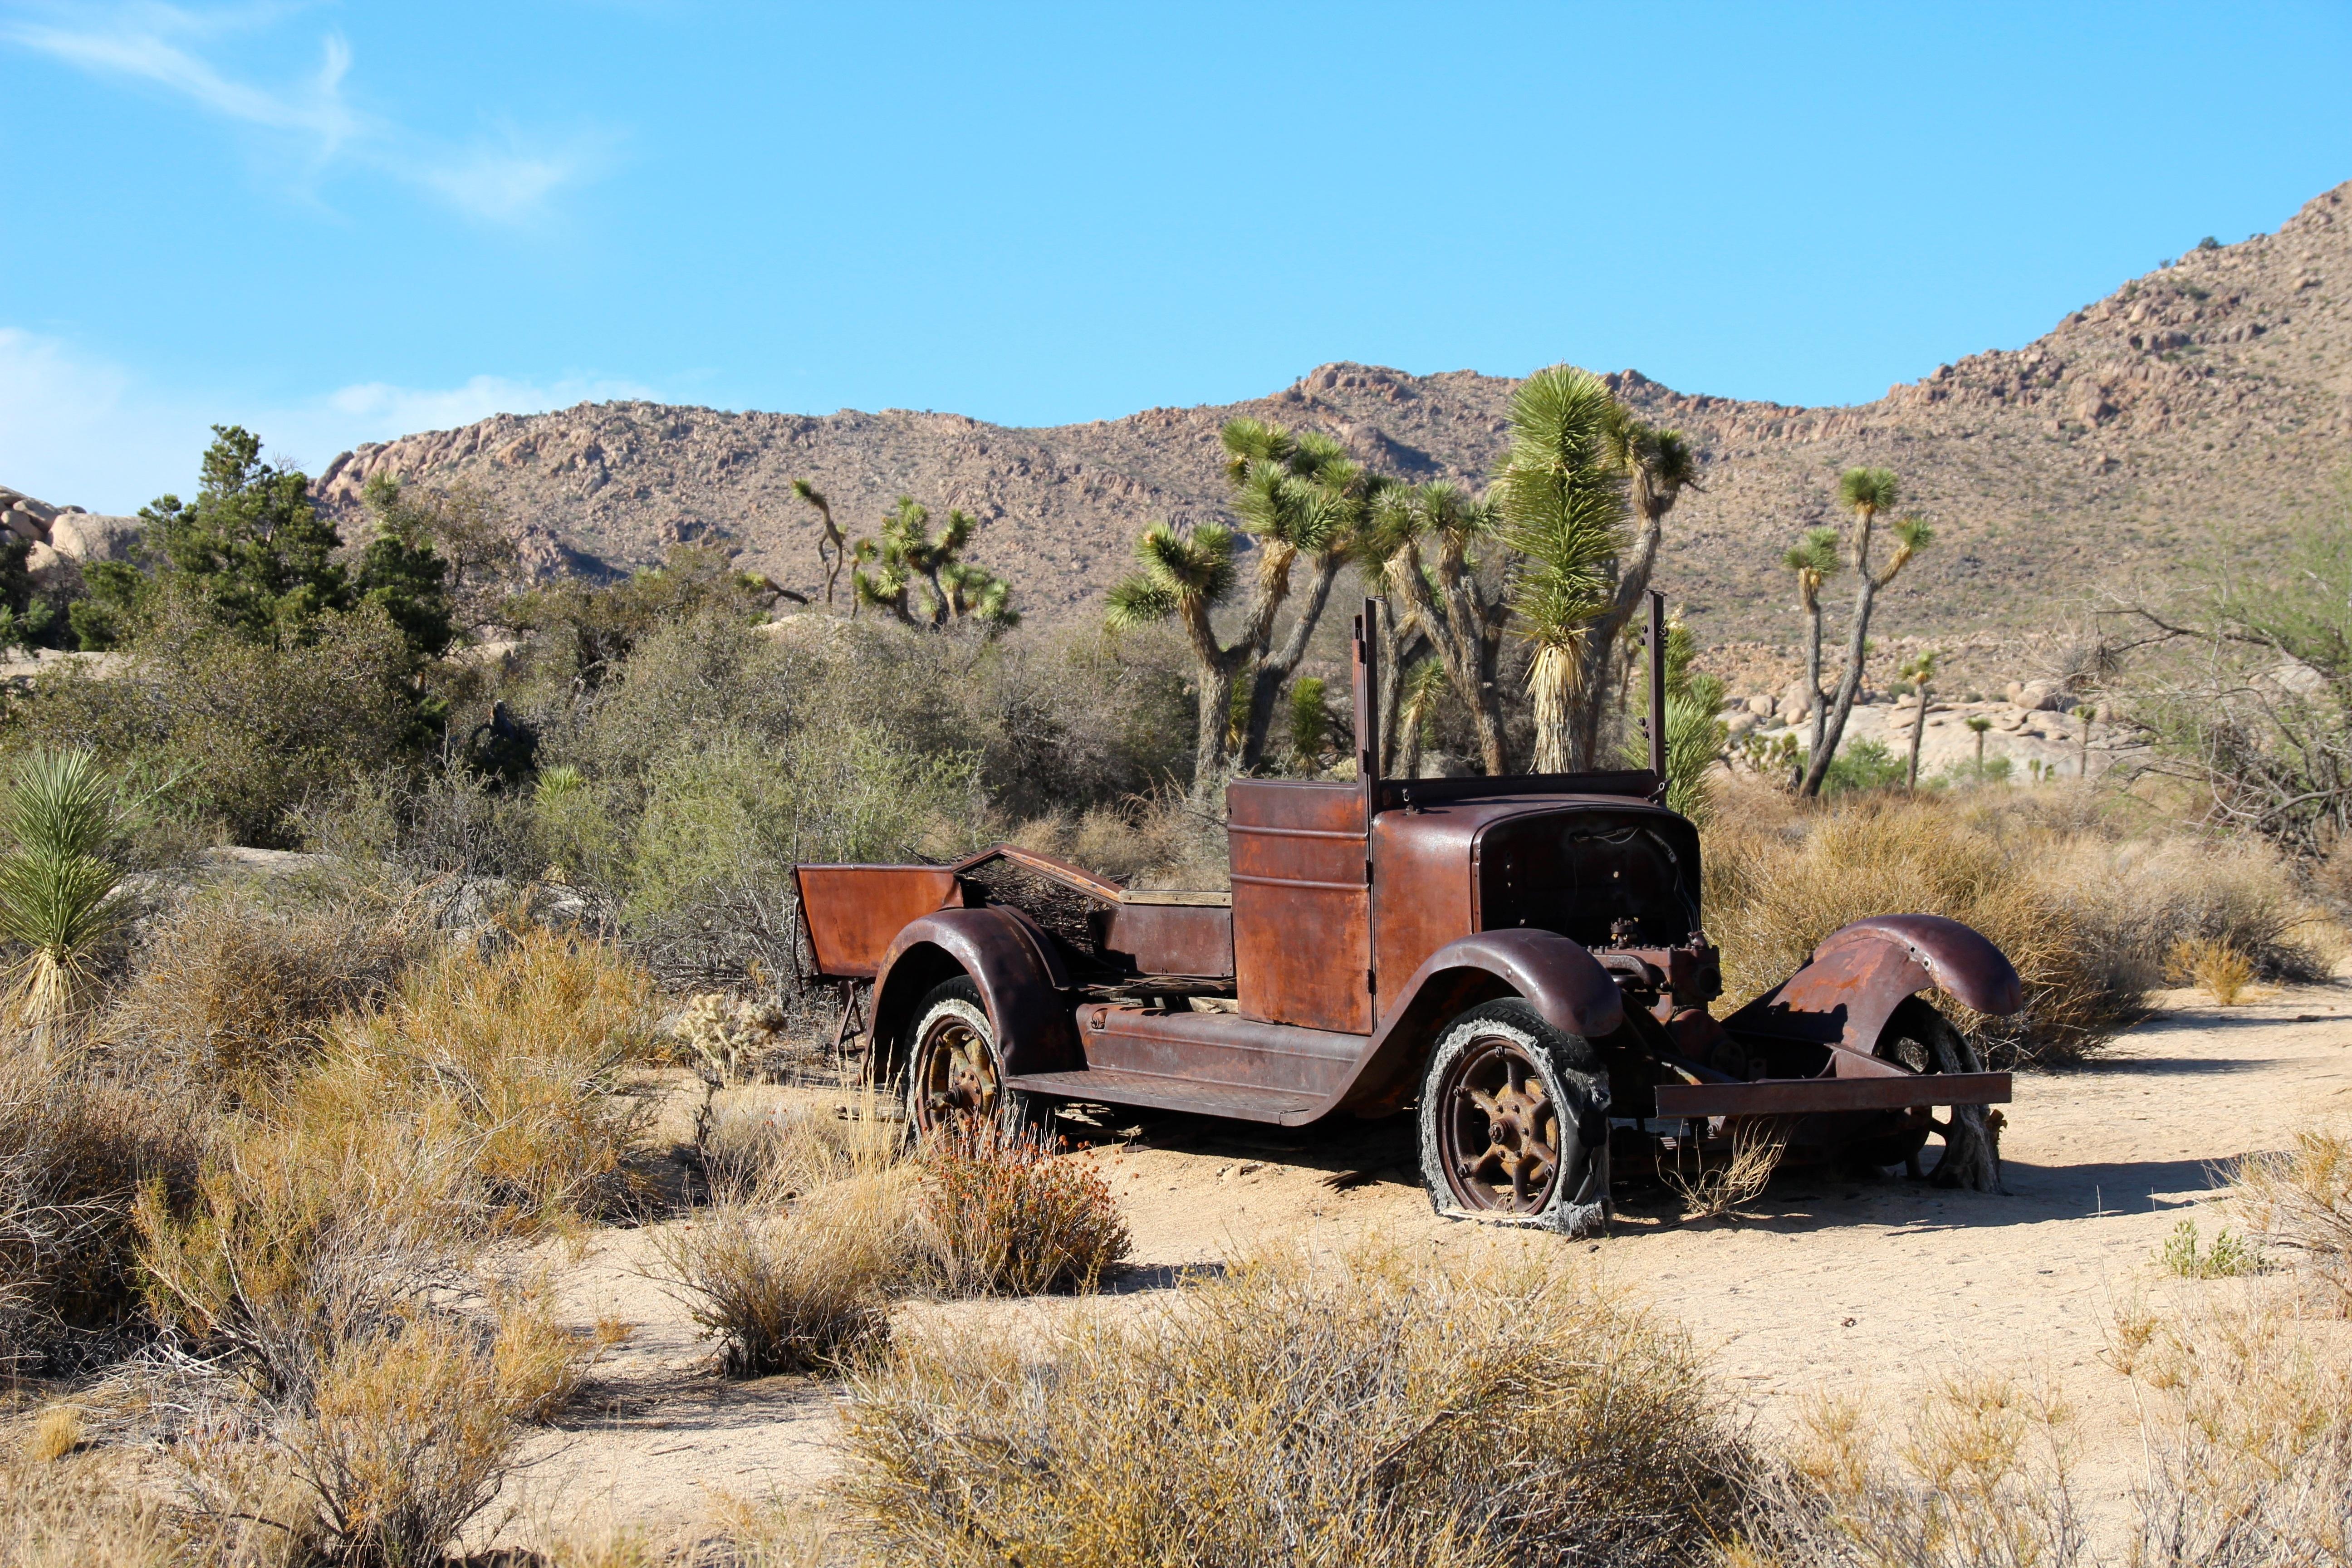 Free Images : landscape, wilderness, car, vintage, antique, desert ...